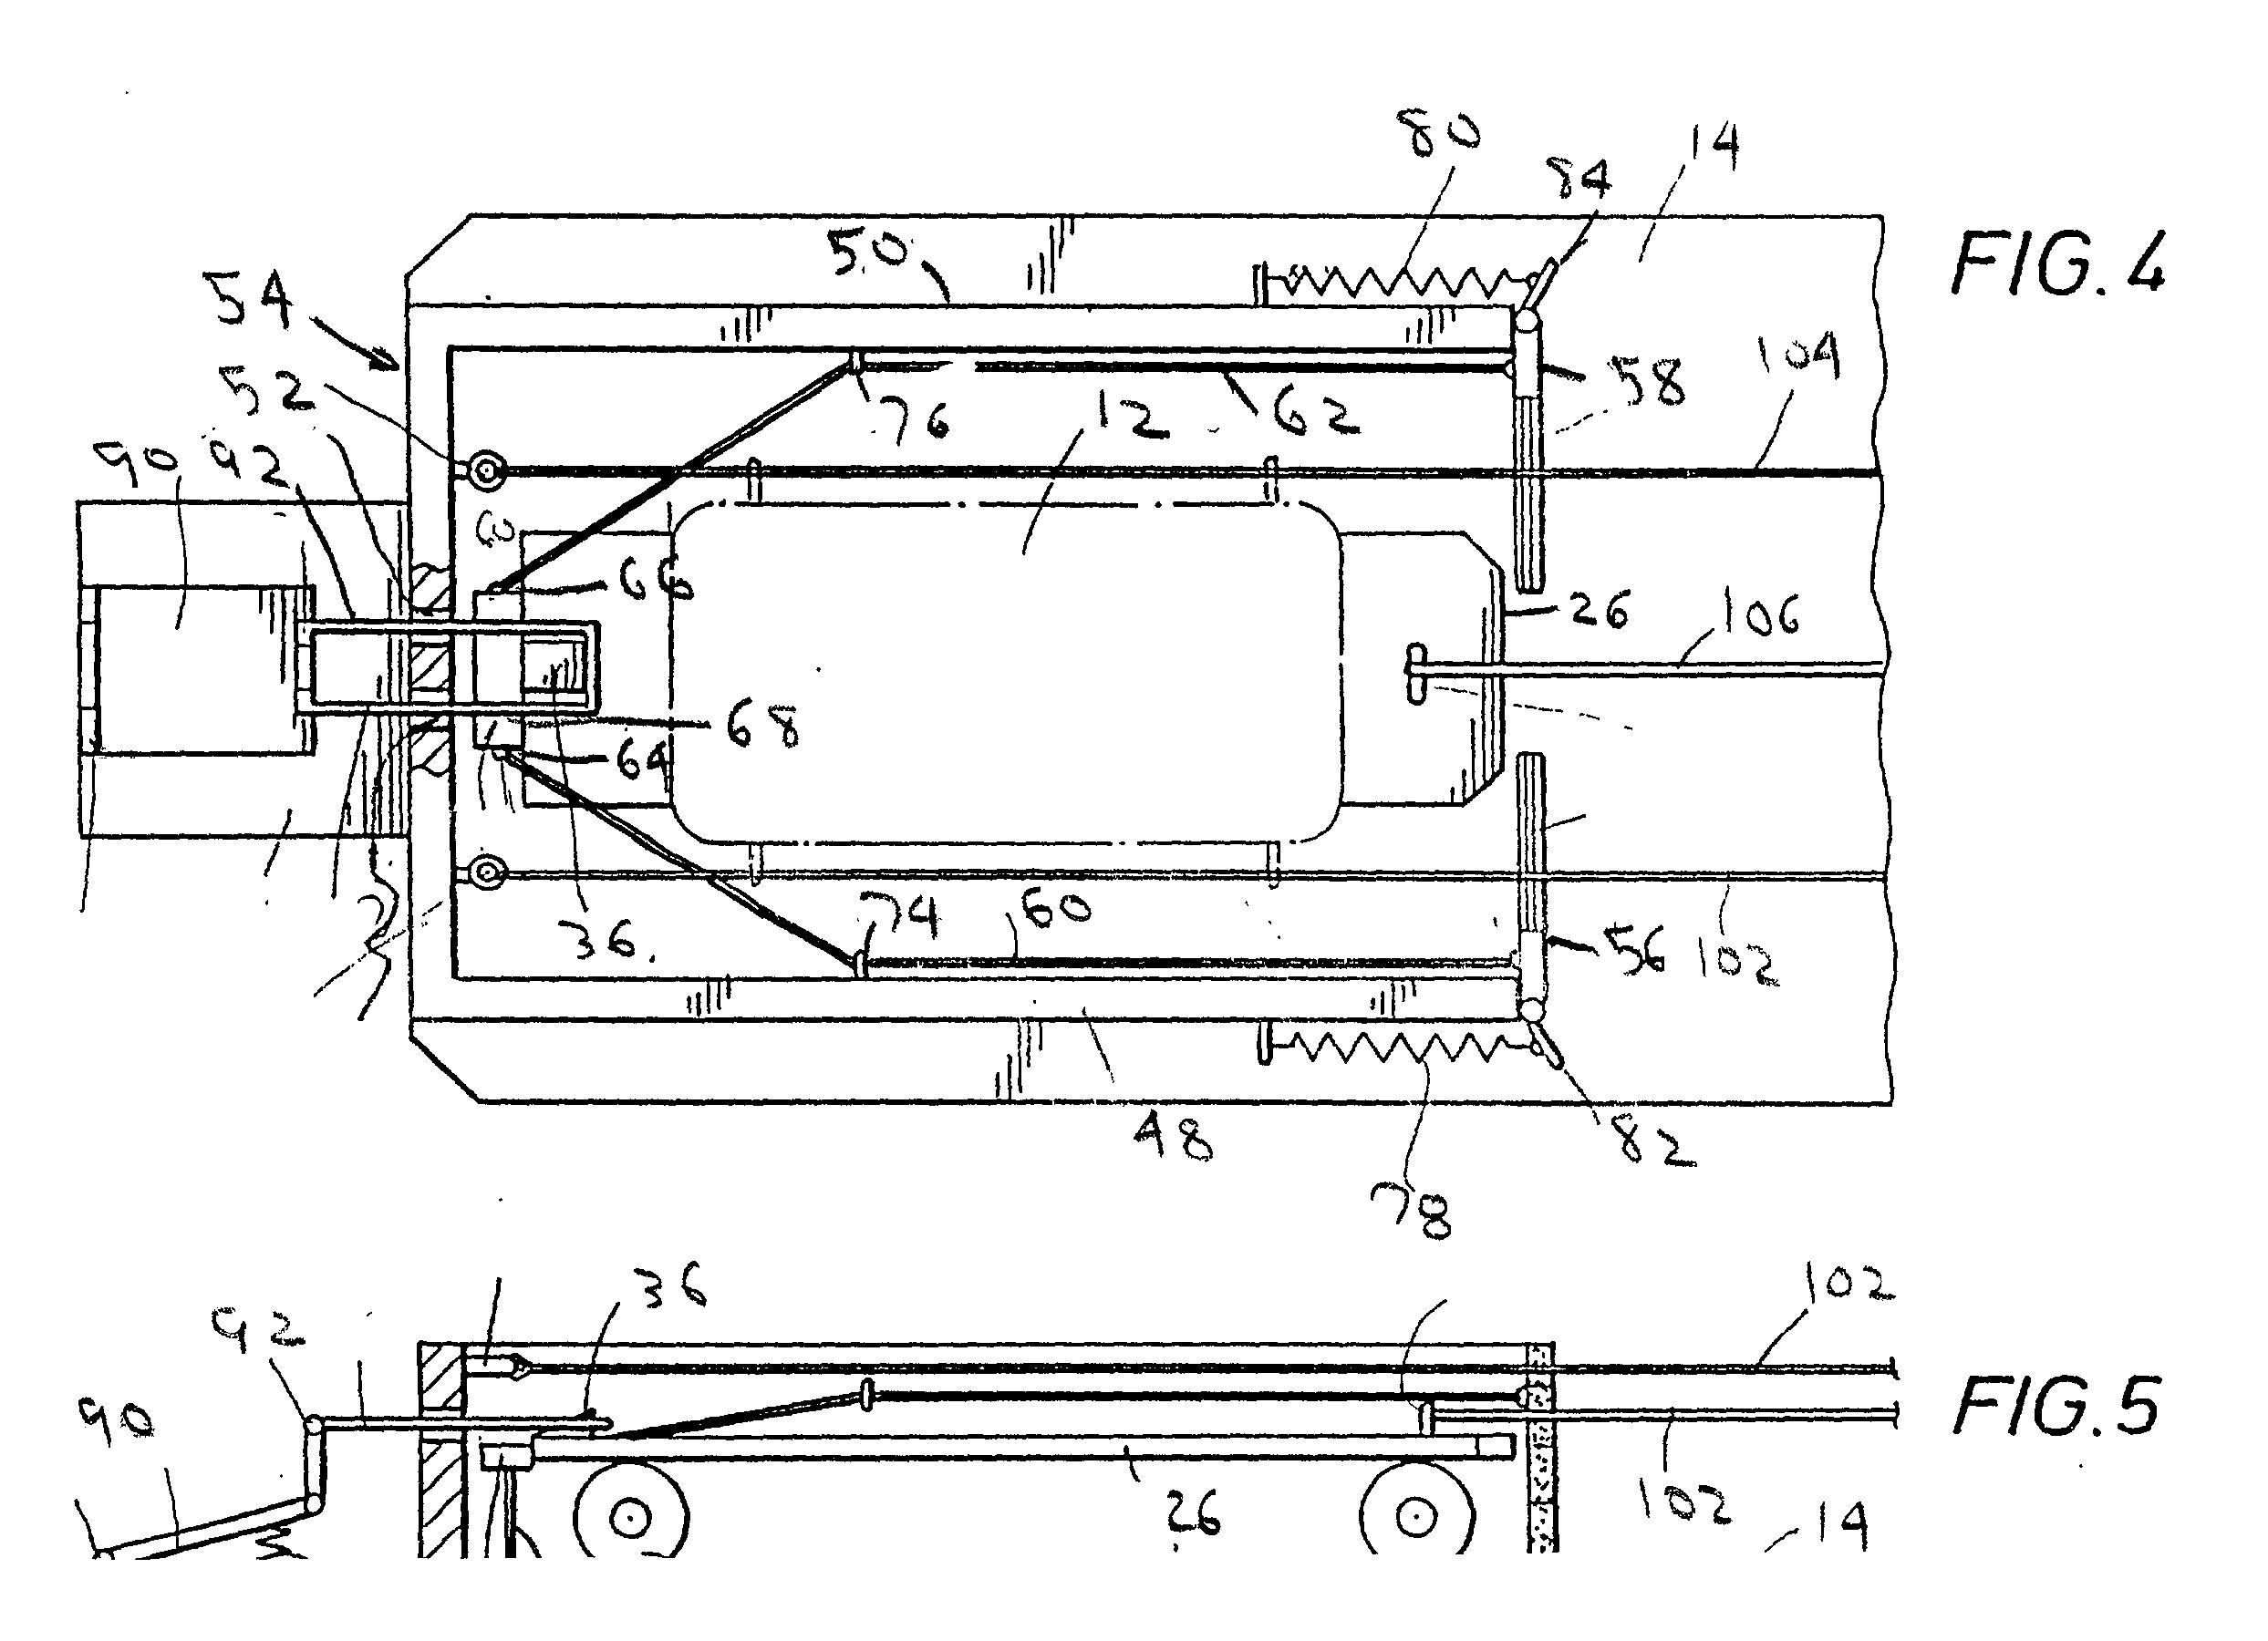 Patent Us20030034613 Calf Roping Training Apparatus